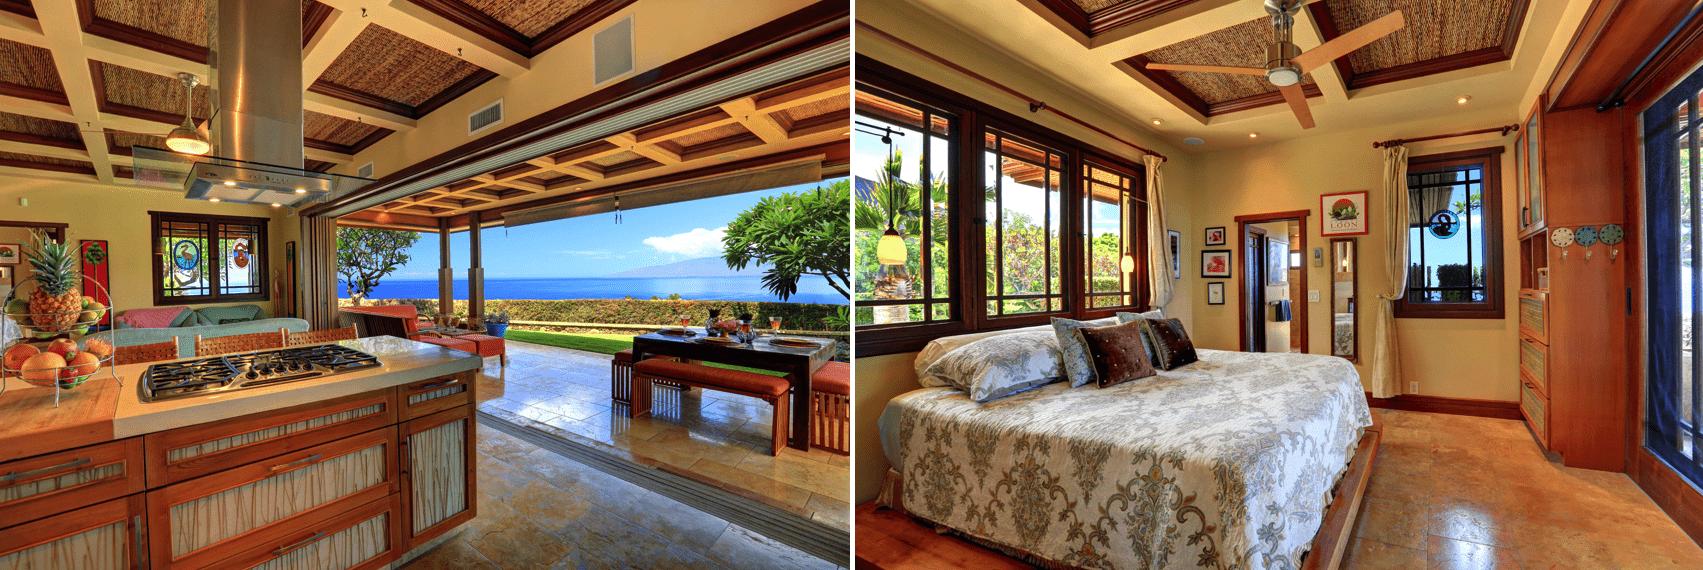 aloha spirit lahaina maui bedroom and kitchen